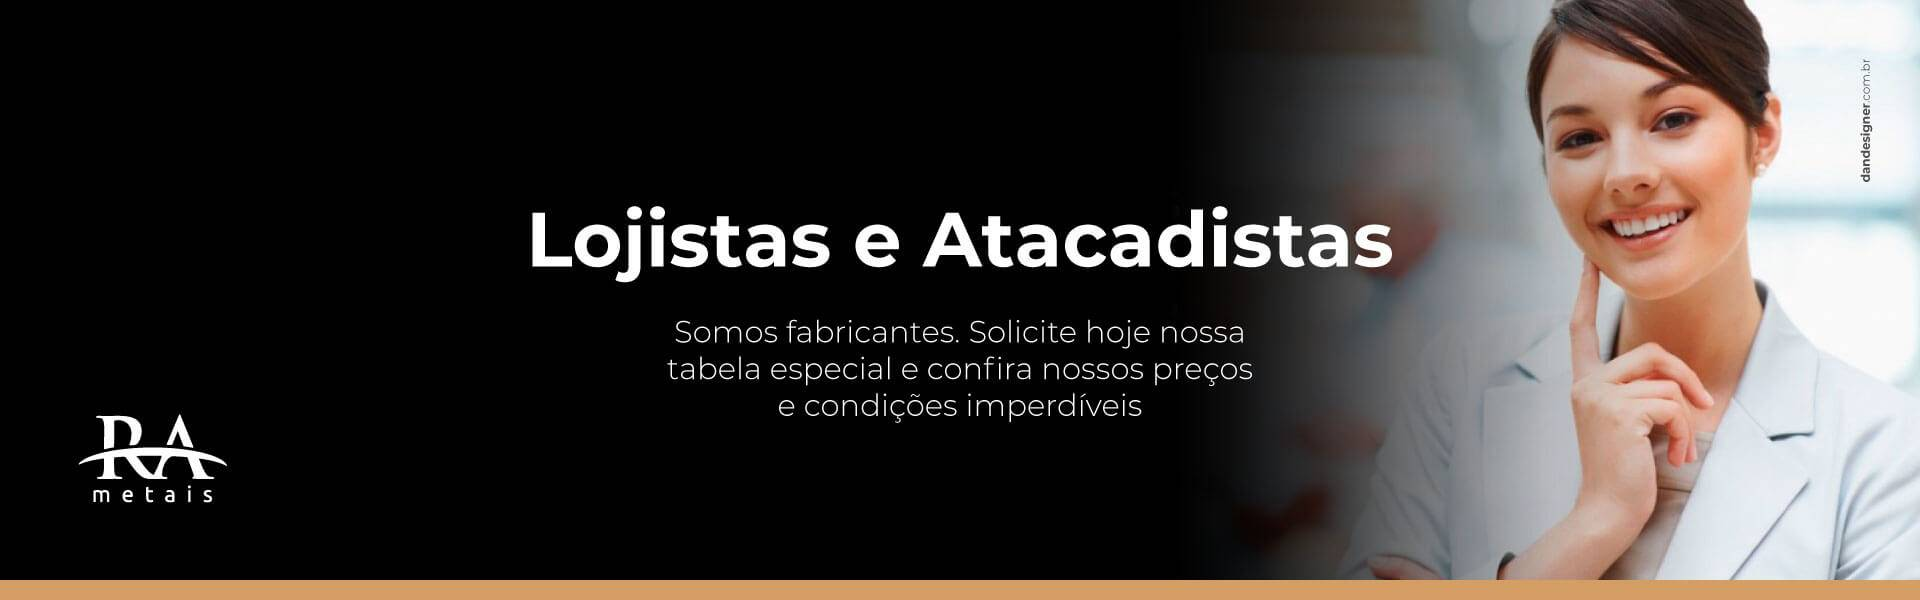 Lojistas e Atacadistas